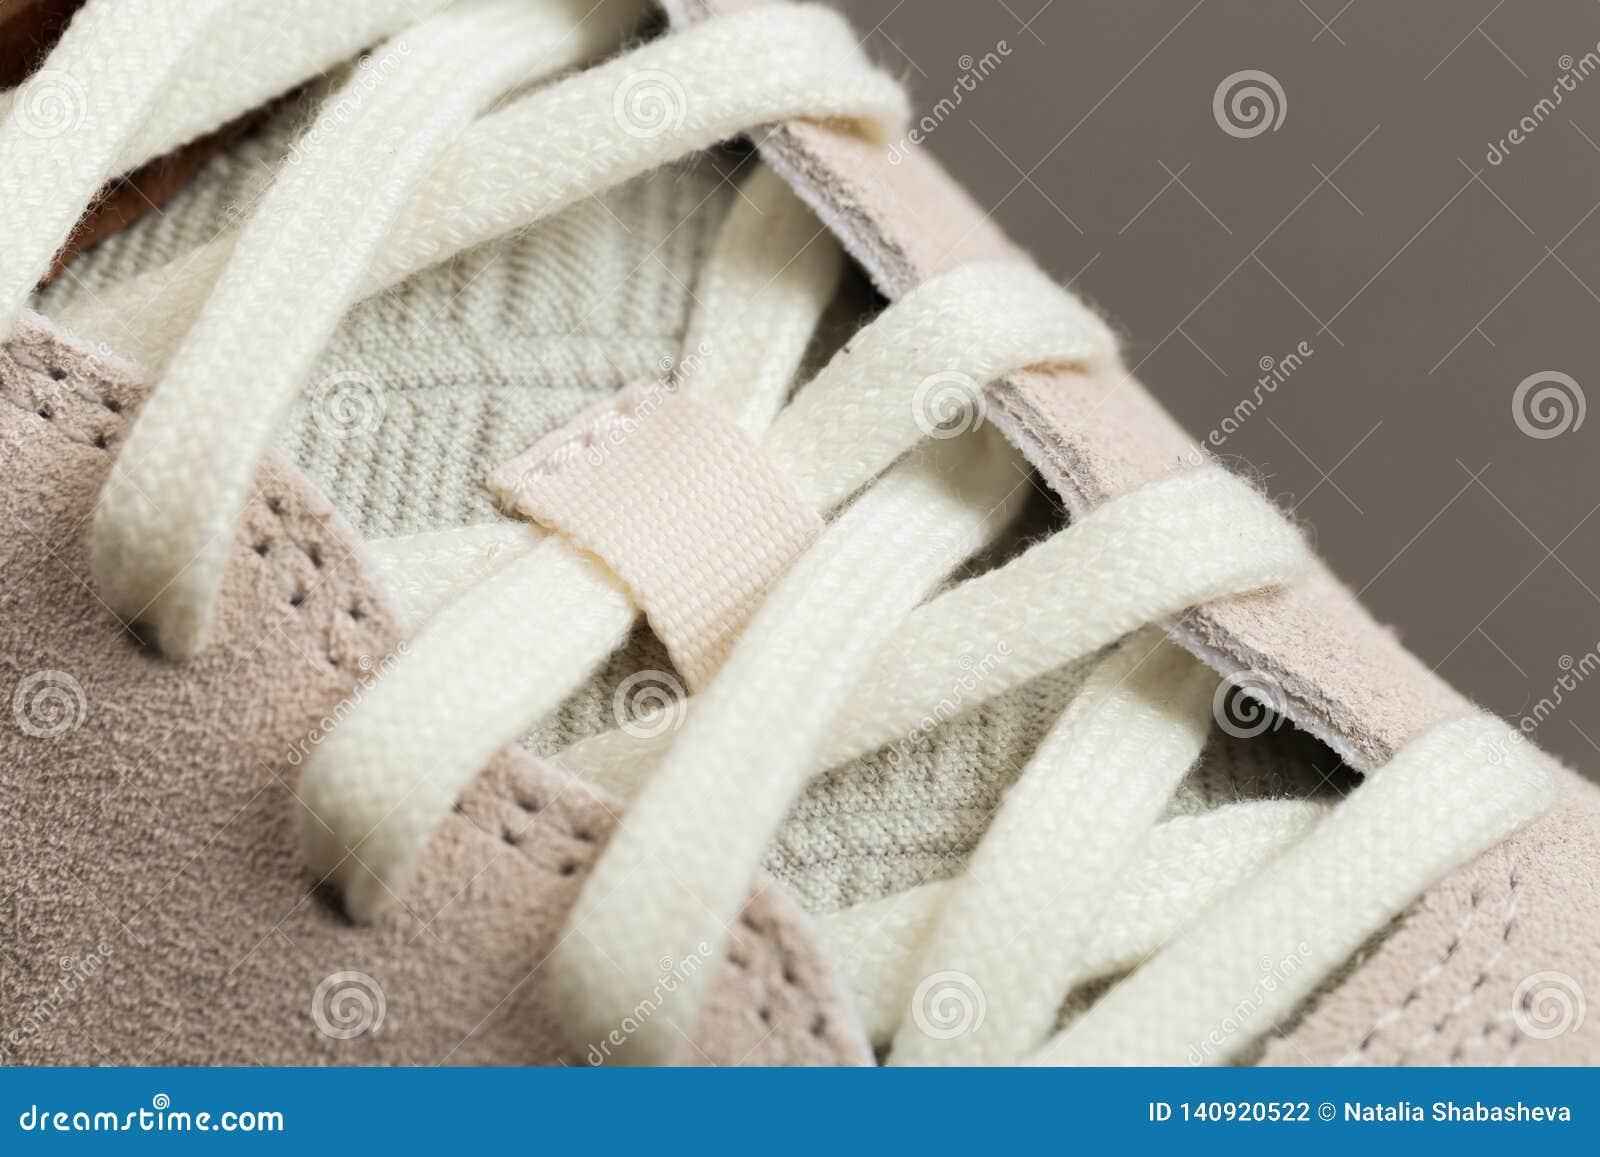 Sportschoenen met wit kant